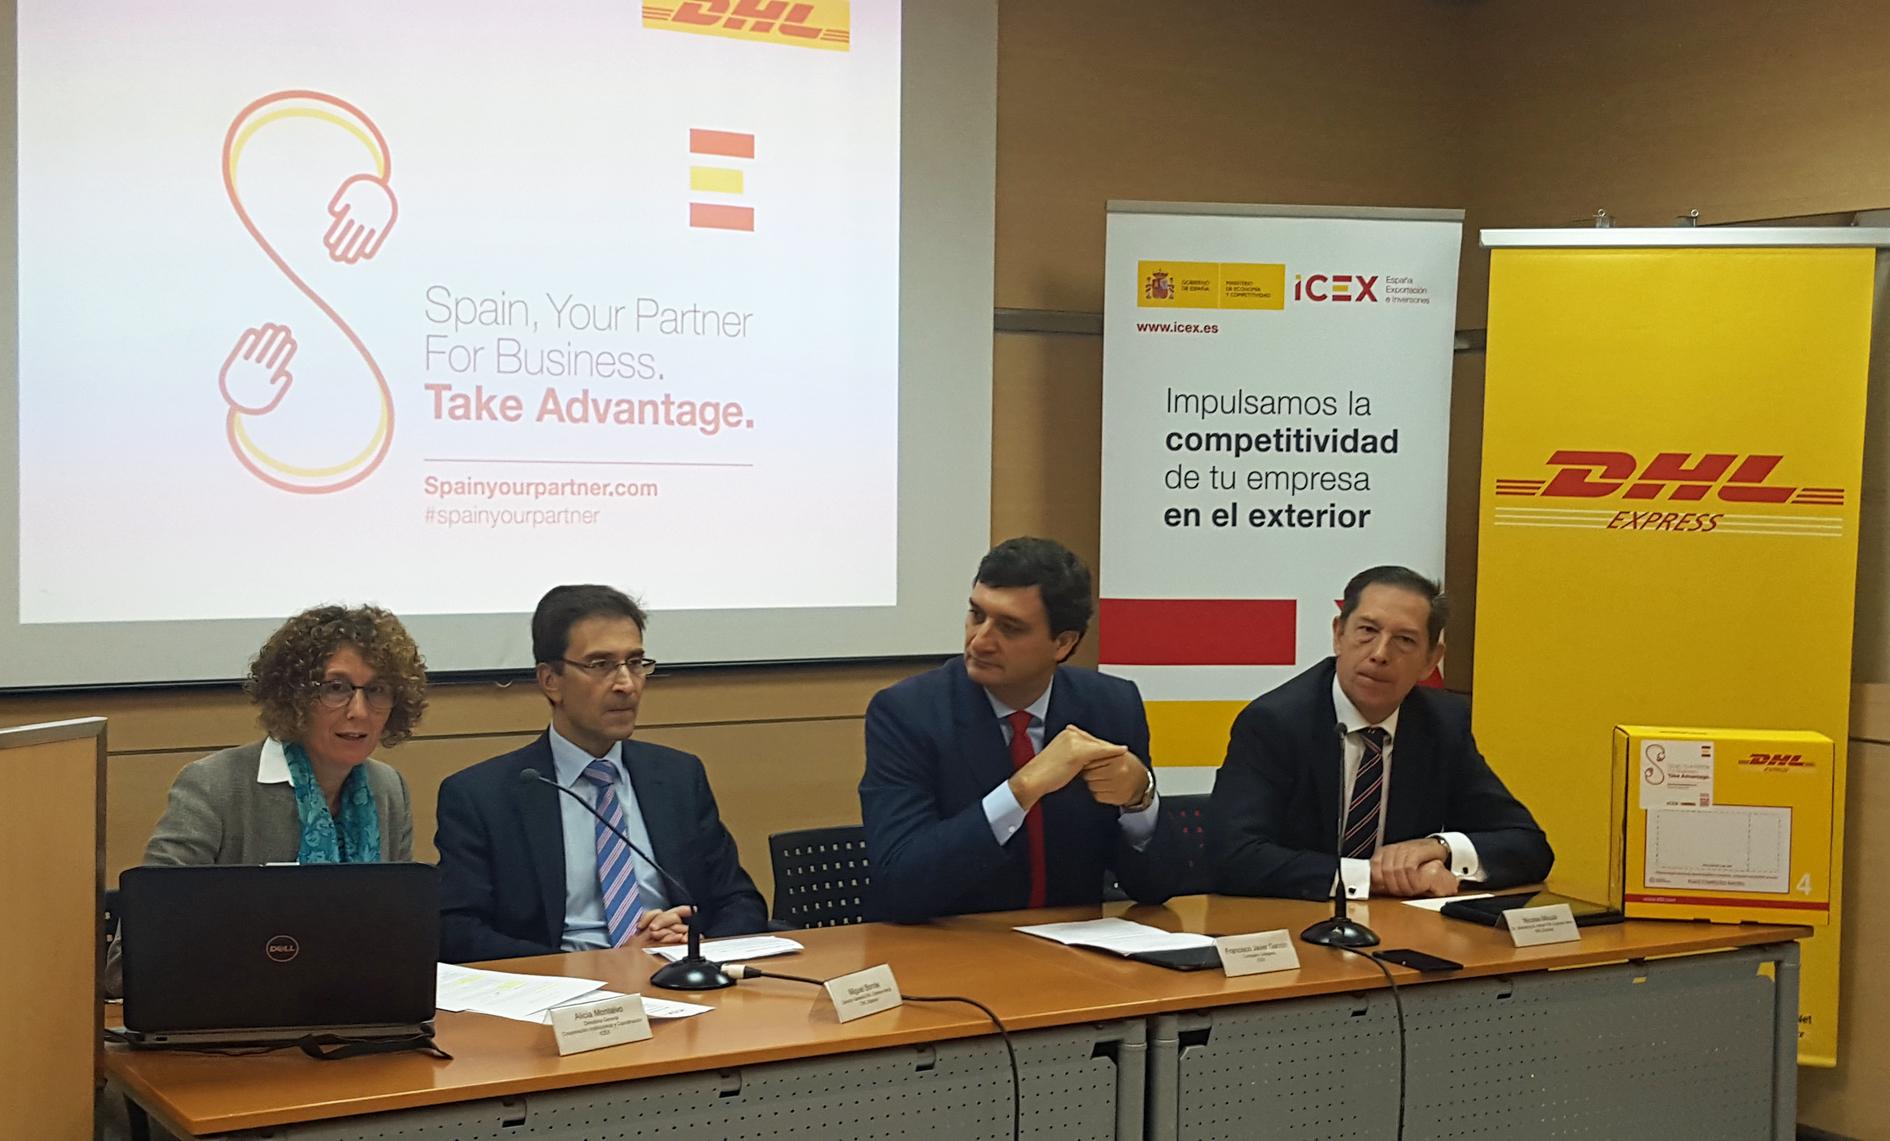 """Presentación de la campaña """"Spain Your Partner"""" de ICEX y DHL"""